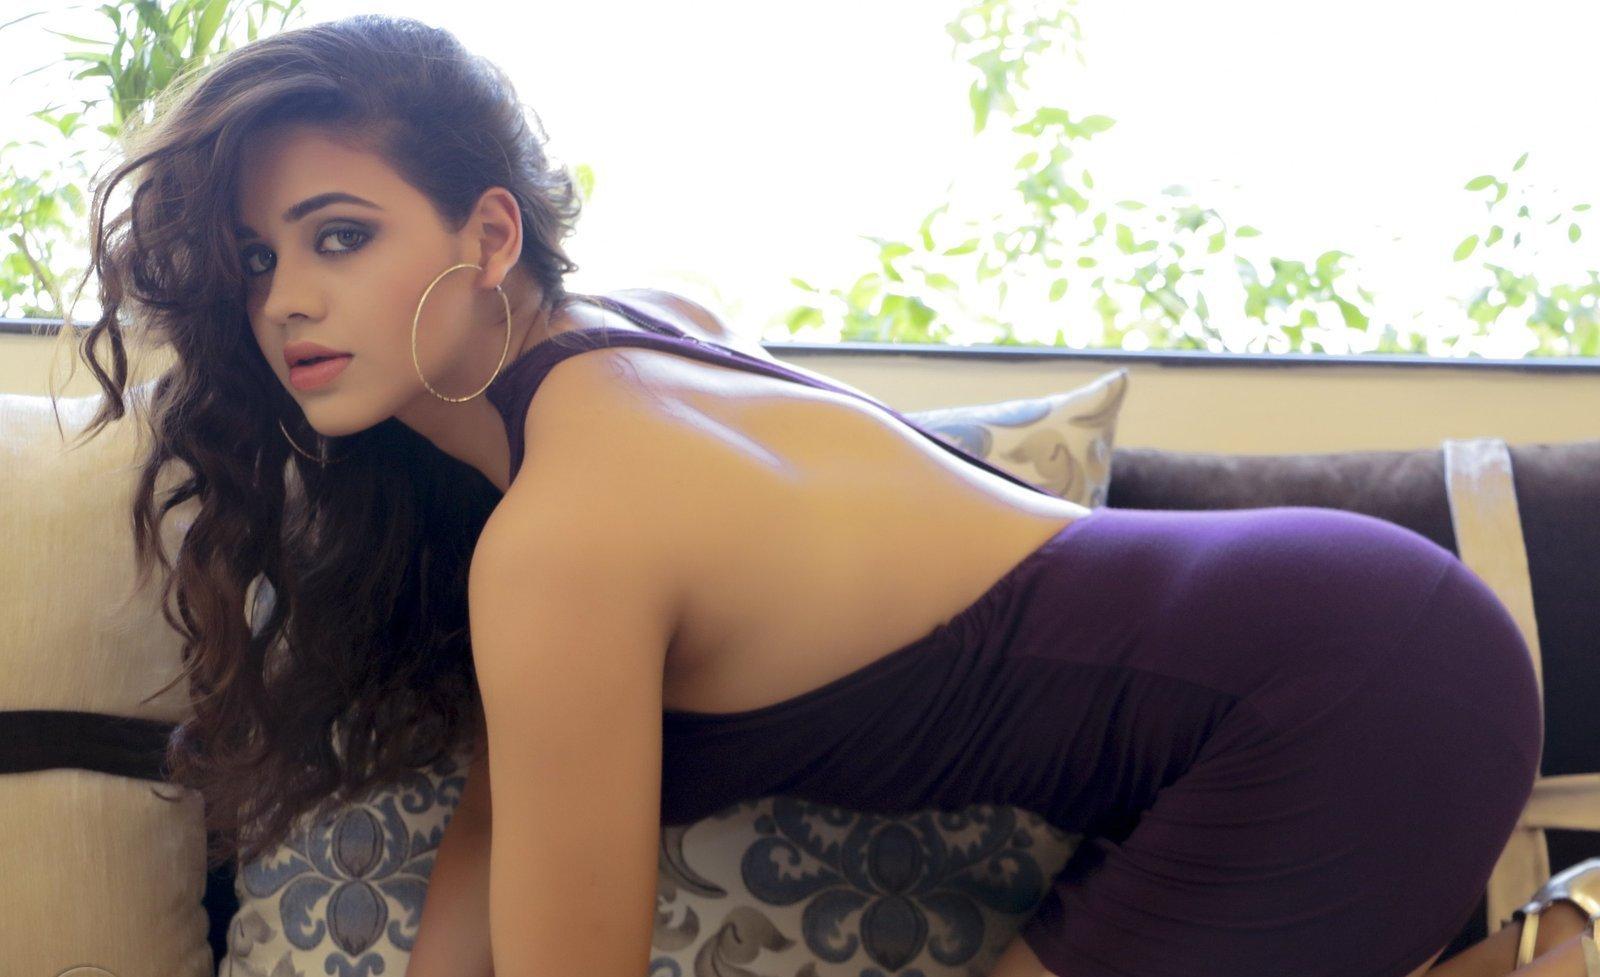 Parina Mirza hot back, Parina Mirza sexy back, Parina Mirza hot pics